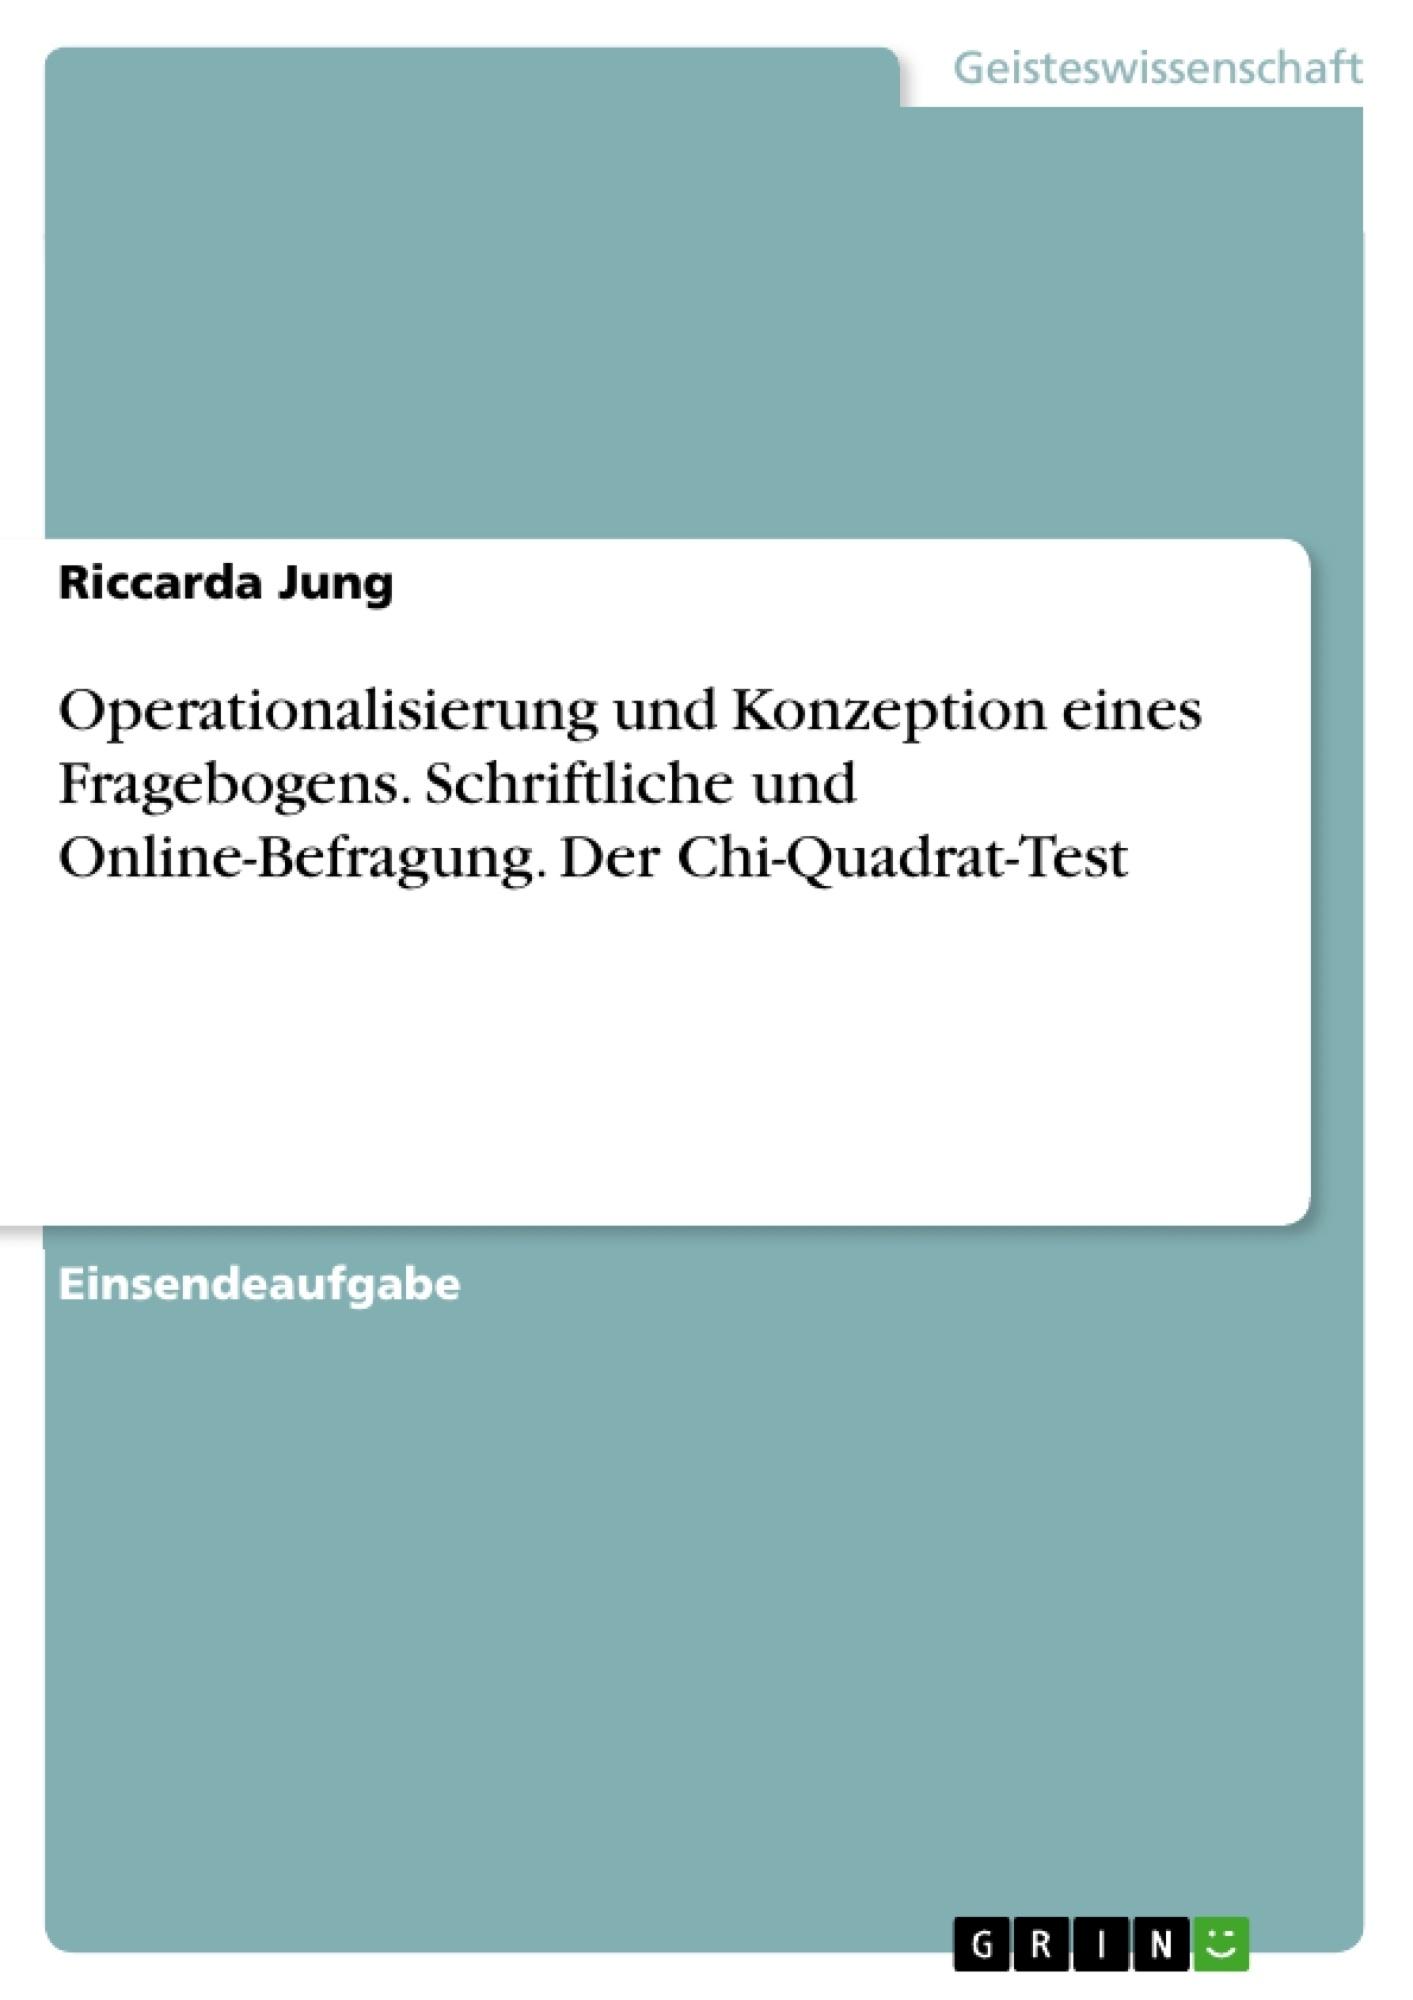 Titel: Operationalisierung und Konzeption eines Fragebogens. Schriftliche und Online-Befragung. Der Chi-Quadrat-Test